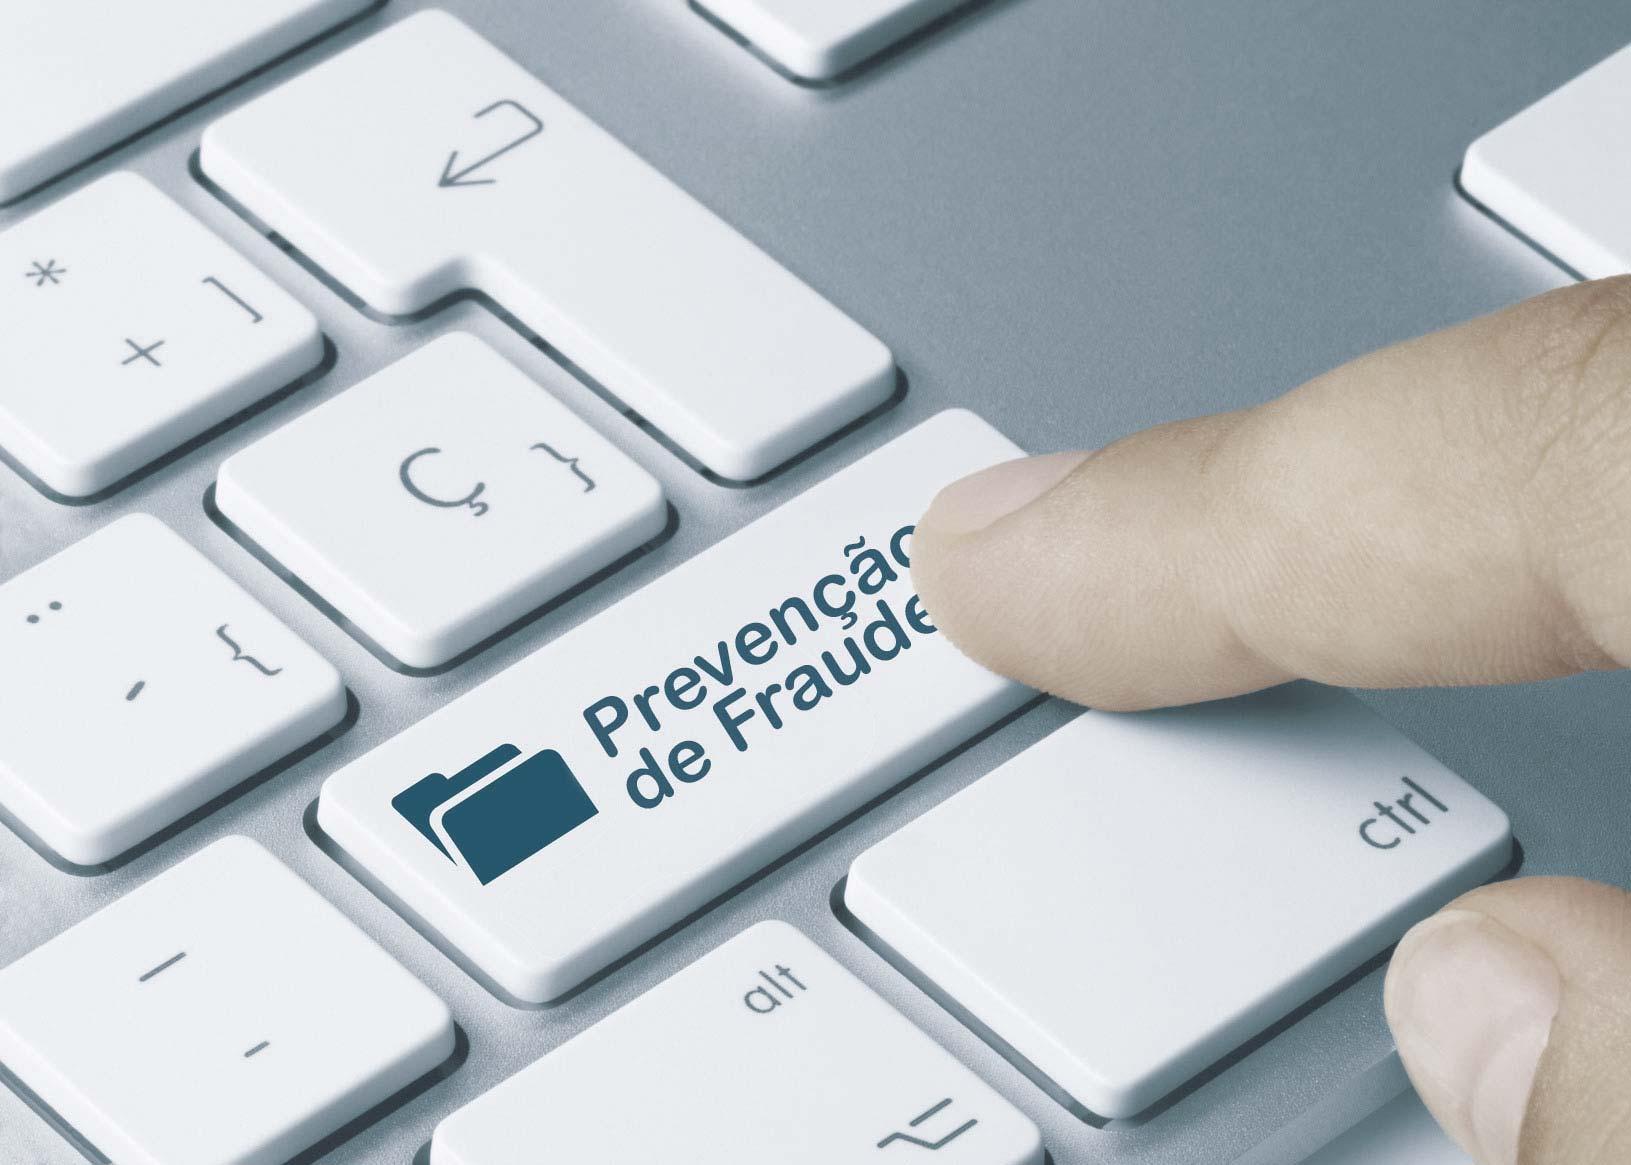 Prevenção de Fraudes